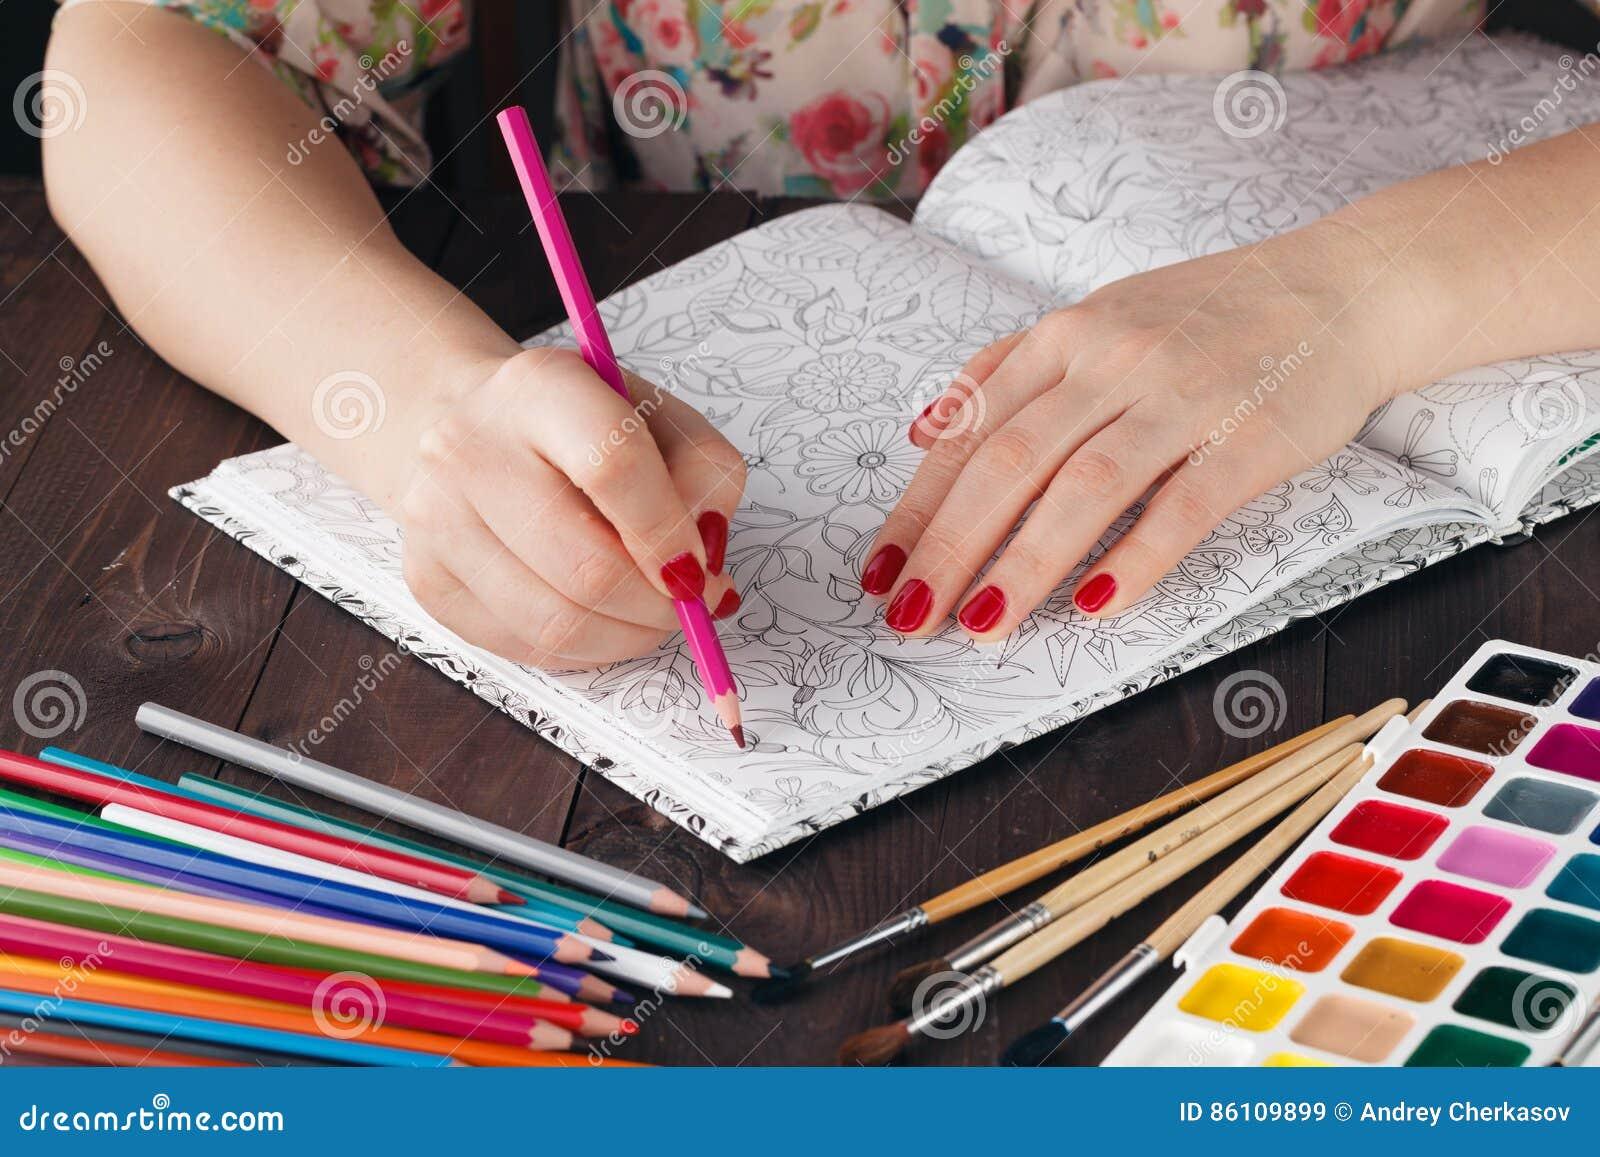 Coloriage Adulte Peinture.Femme Detendant Tandis Que Faites Livre De Coloriage Adulte De